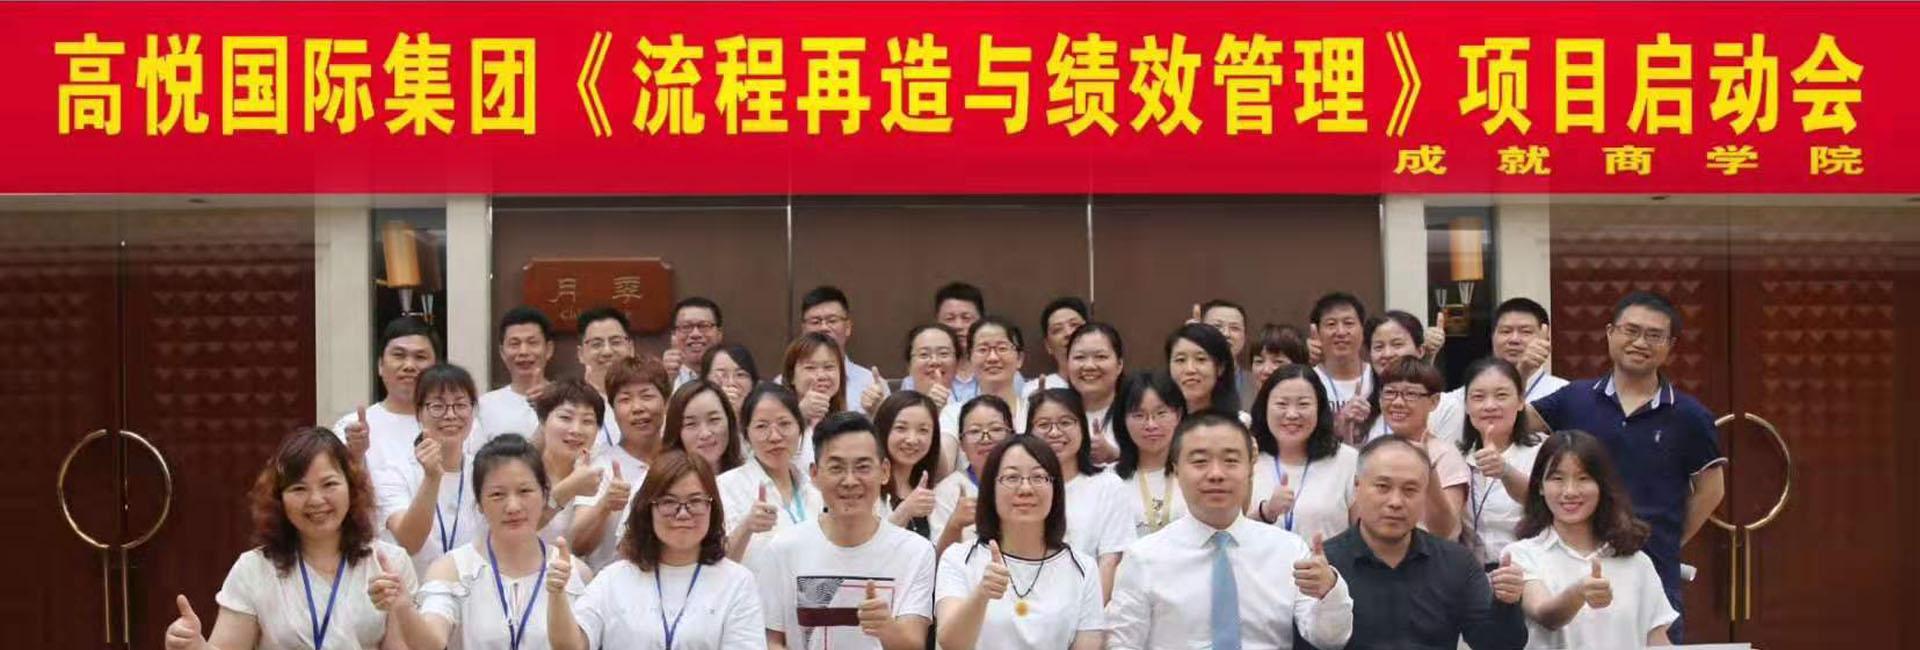 无锡企业管理培训-高悦集团